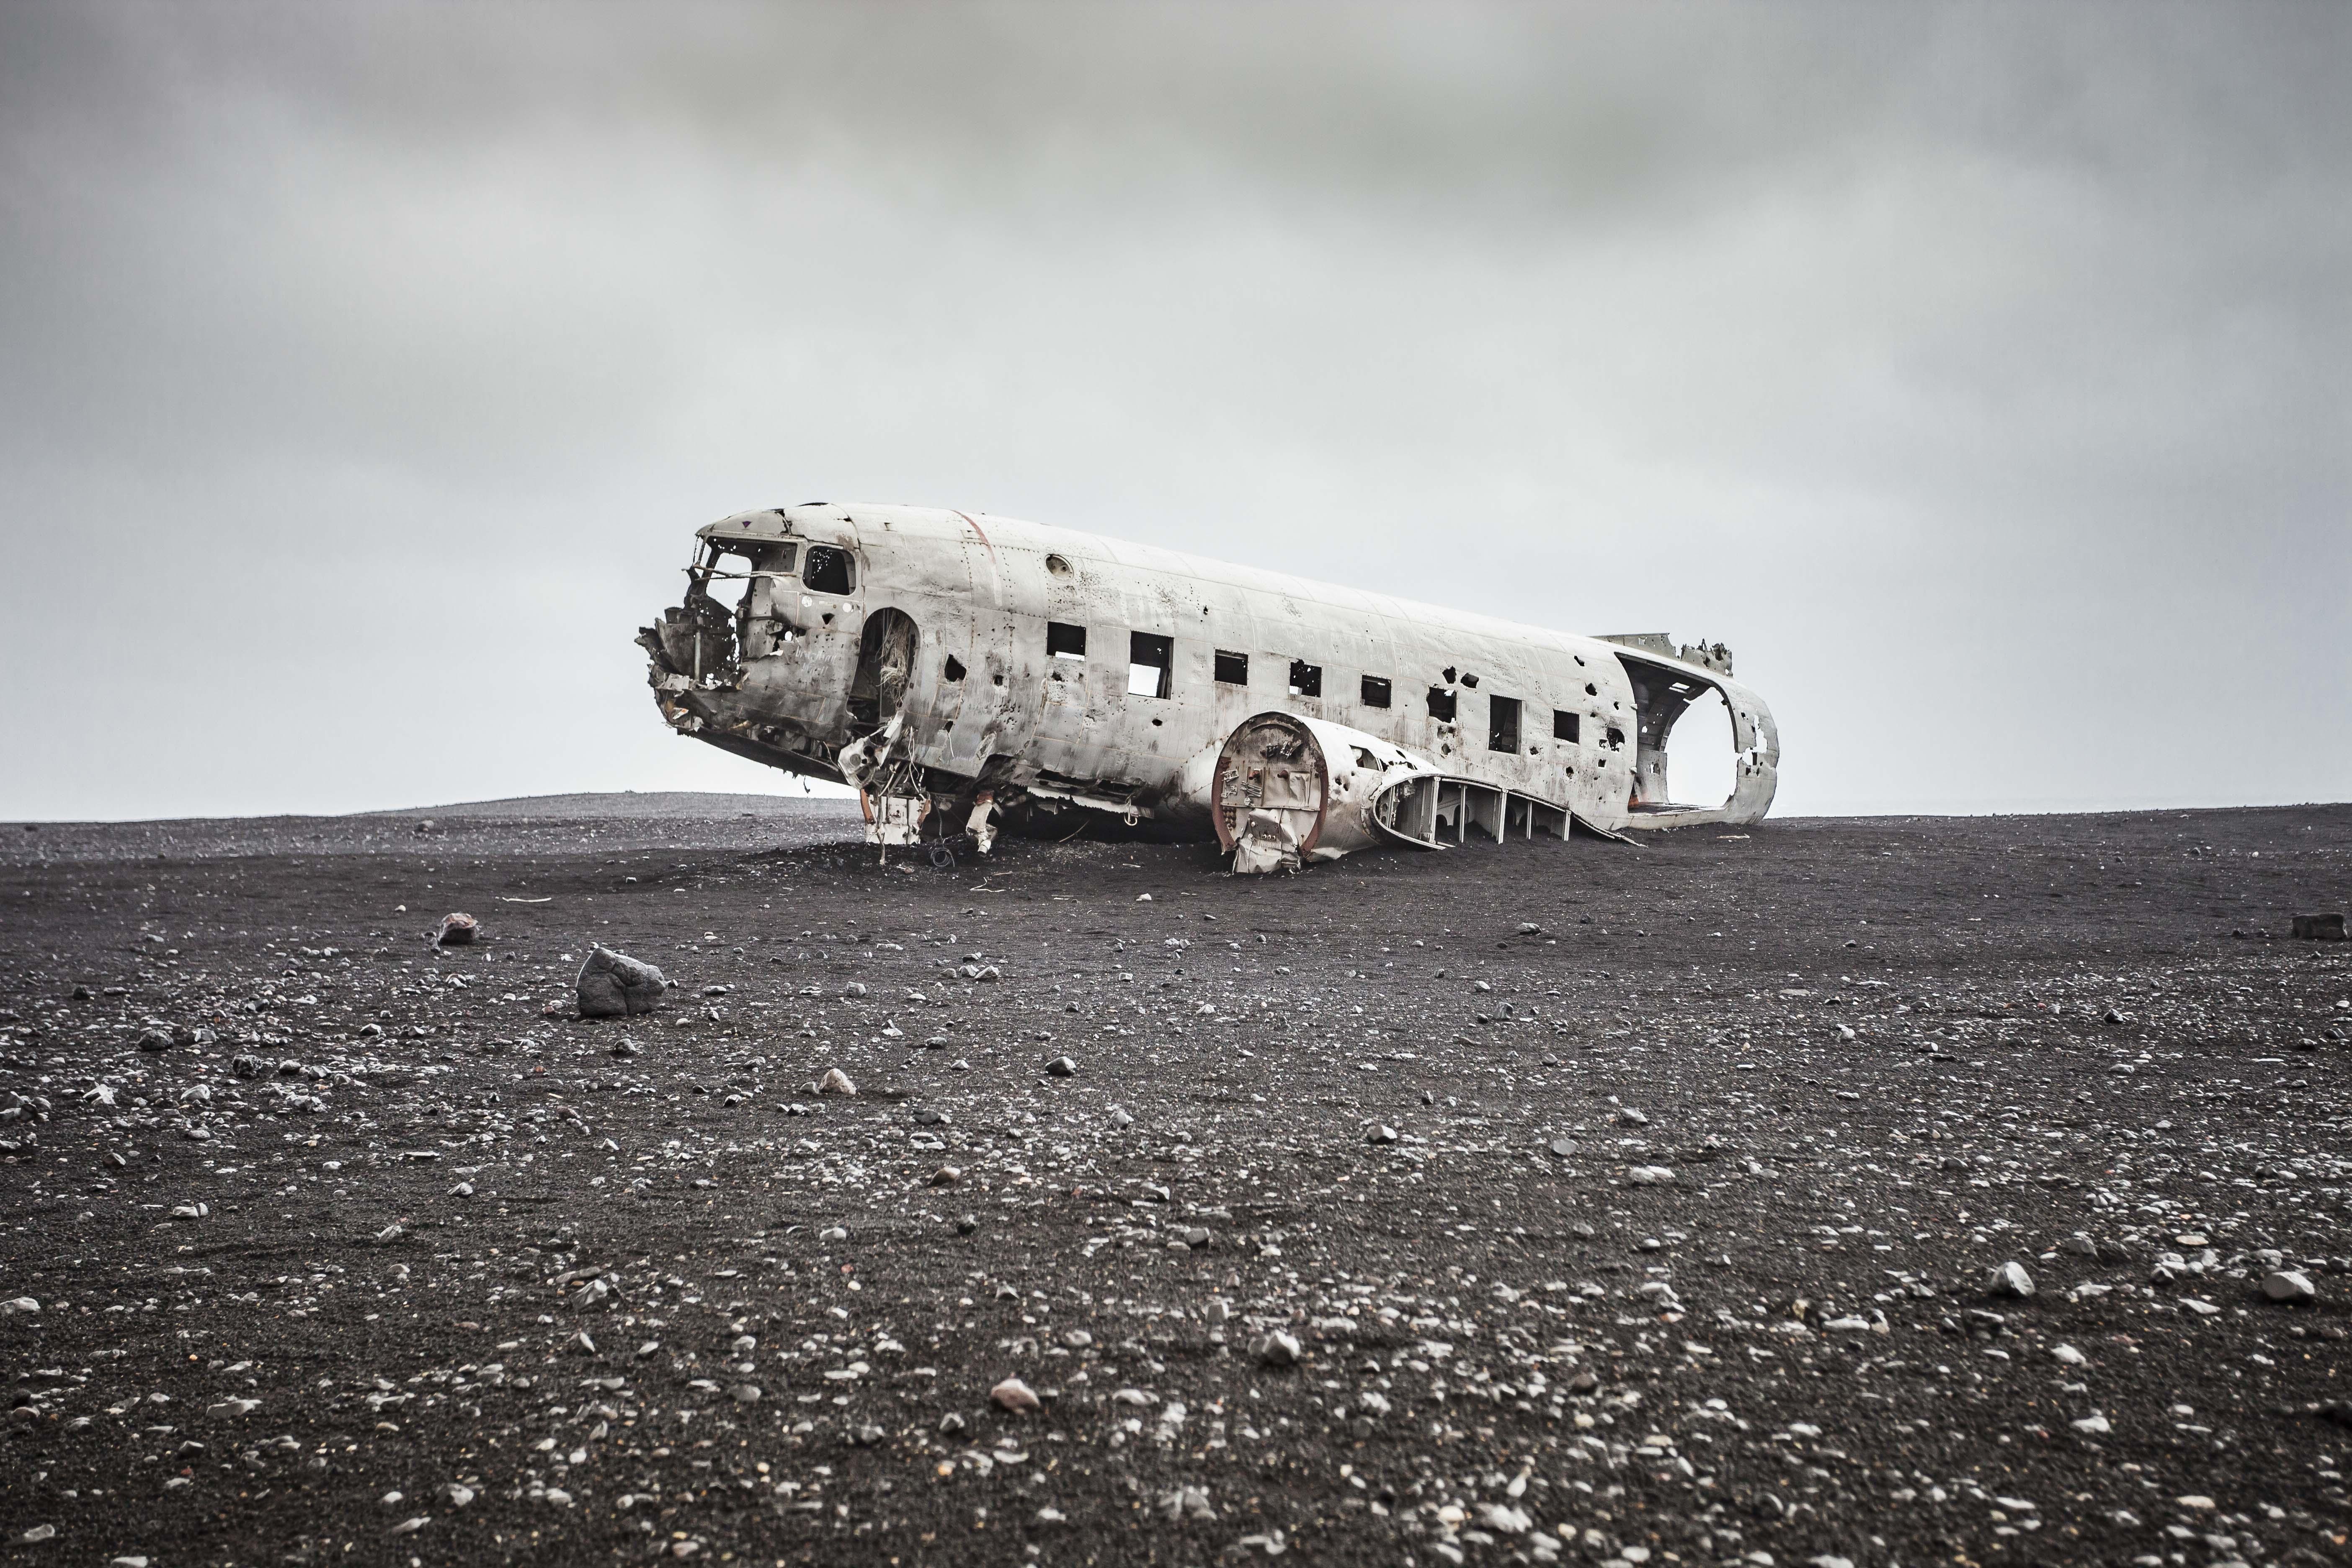 Sólhaimasandur Plane Crash, Iceland